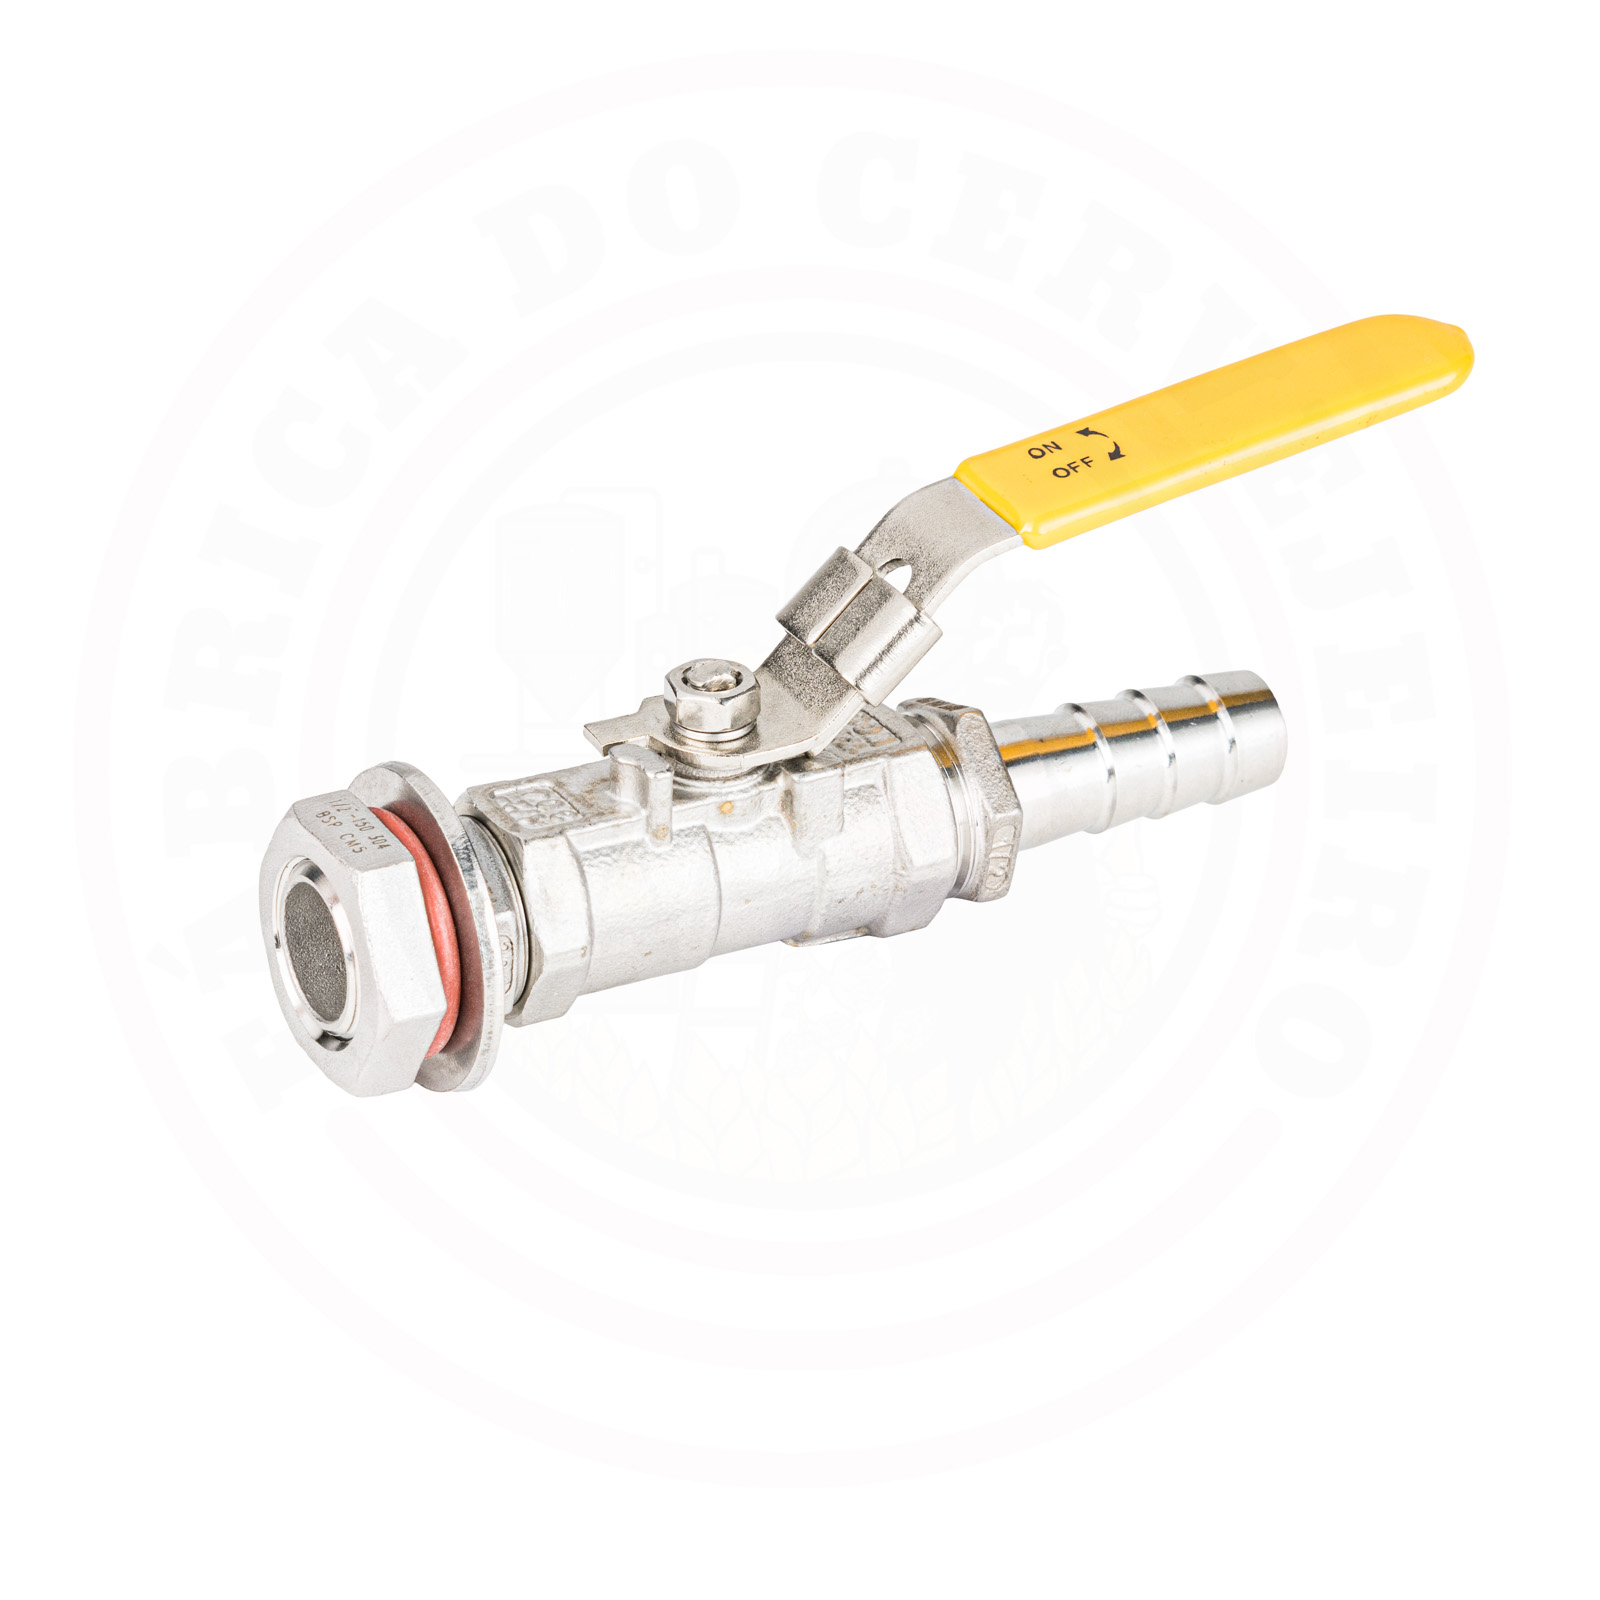 kit válvula / torneira inox Monobloco de 1/2  com espigão para caldeirão / panela